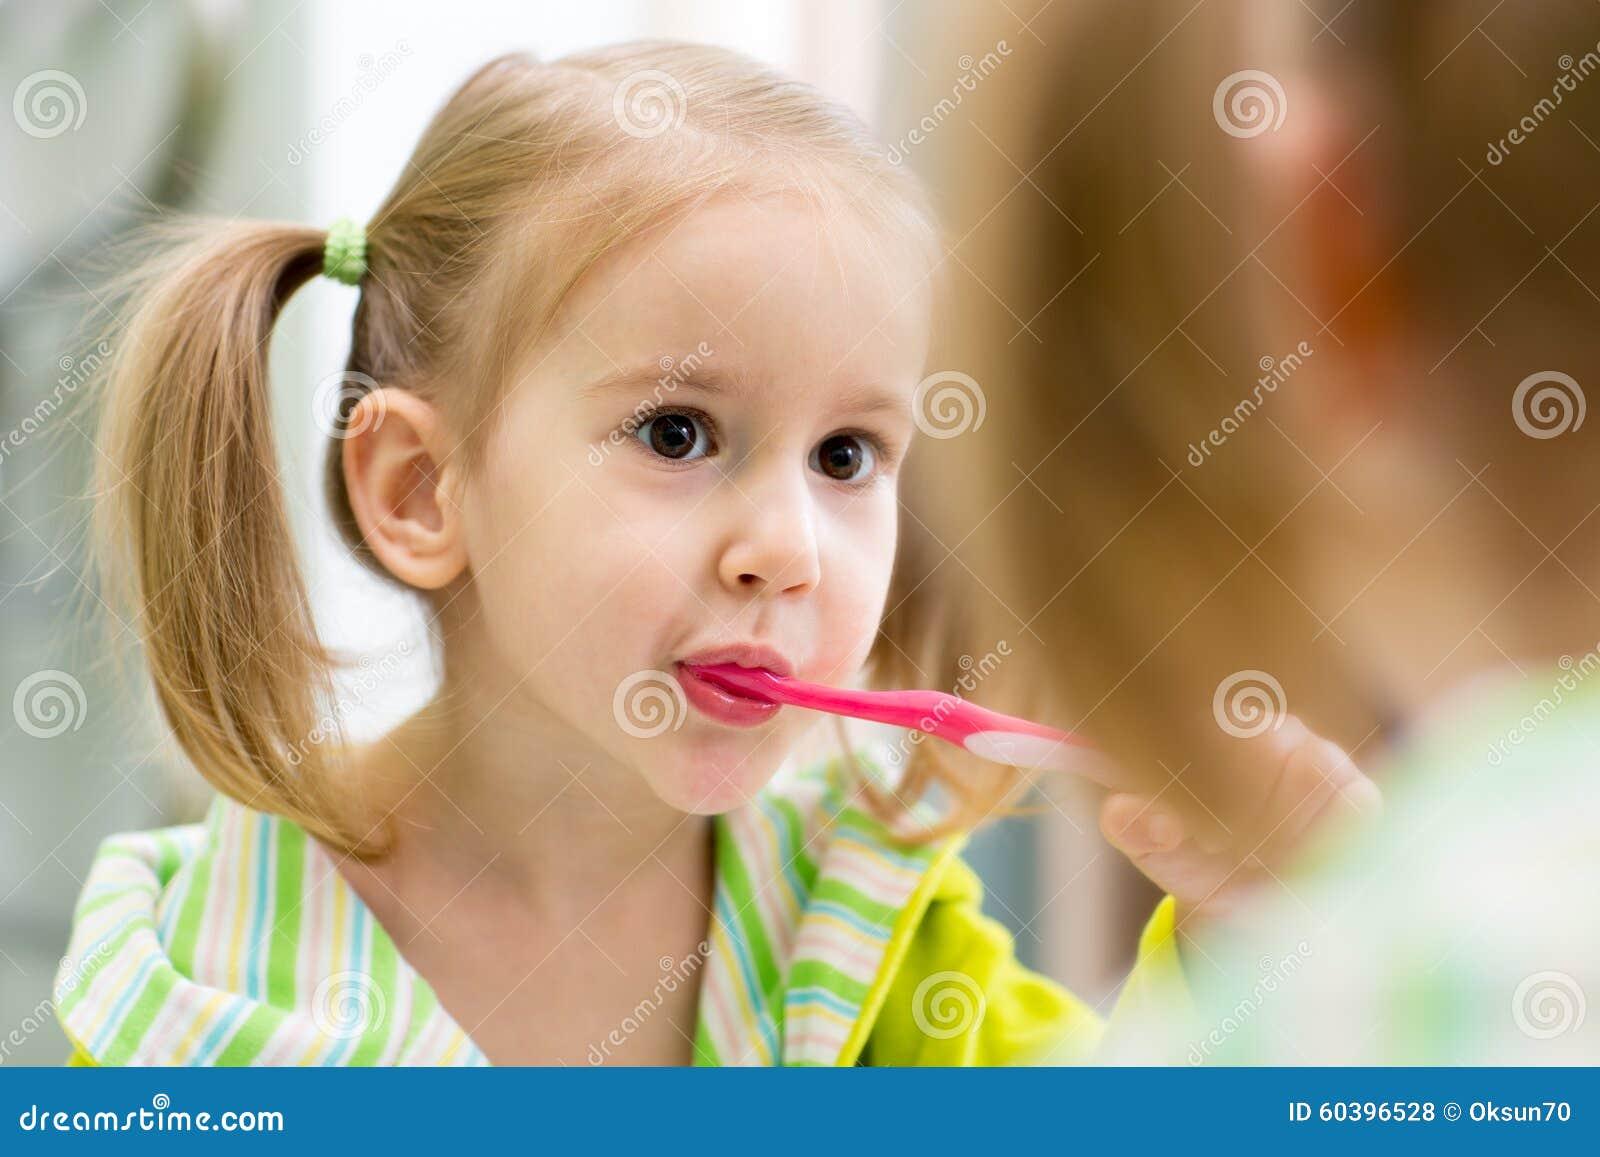 L 39 enfant brosse des dents regardant le miroir dans la for Regard dans le miroir